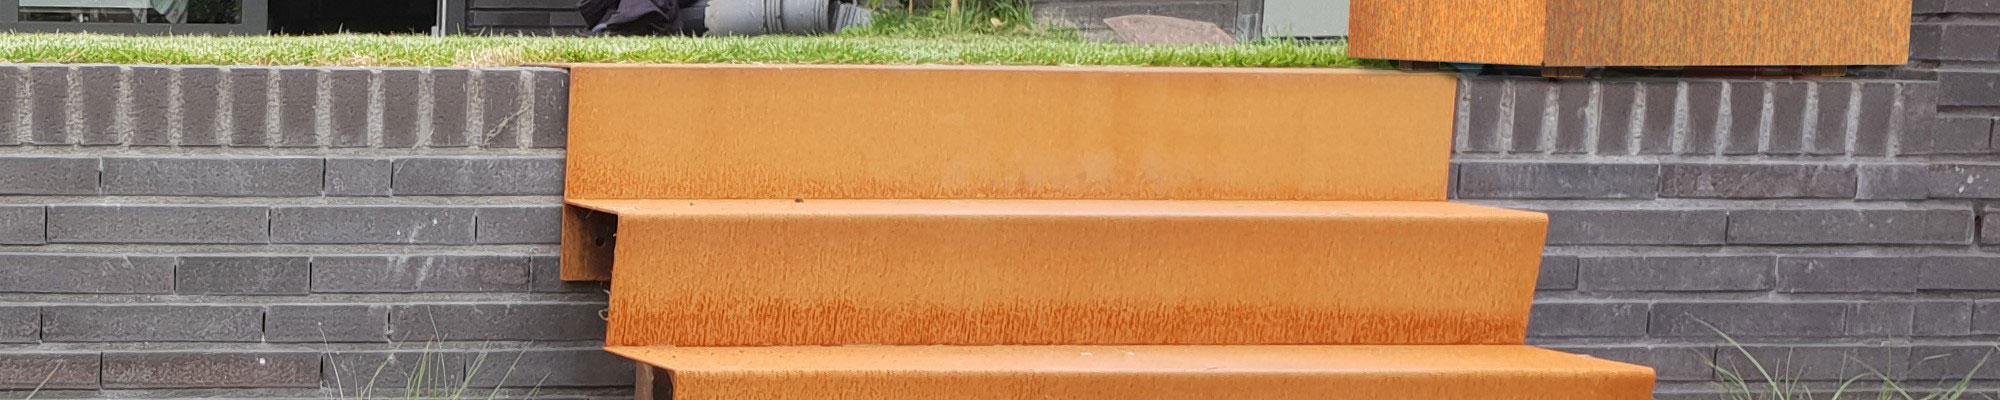 Cortenstahl Treppe,Metalltreppen